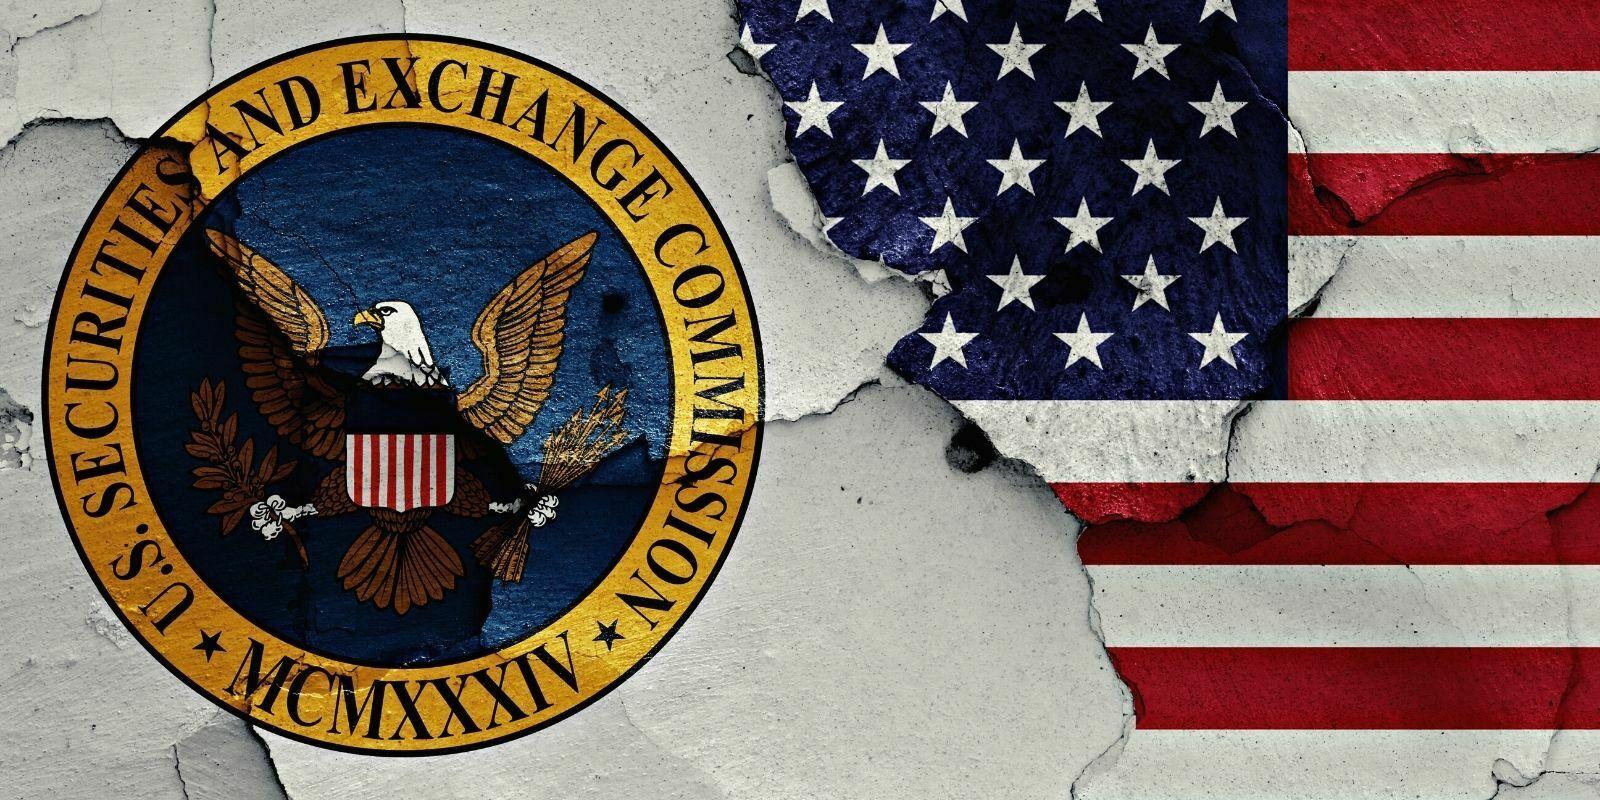 Les cryptomonnaies américaines sont-elles menacées par l'action de la SEC contre Ripple (XRP) ?